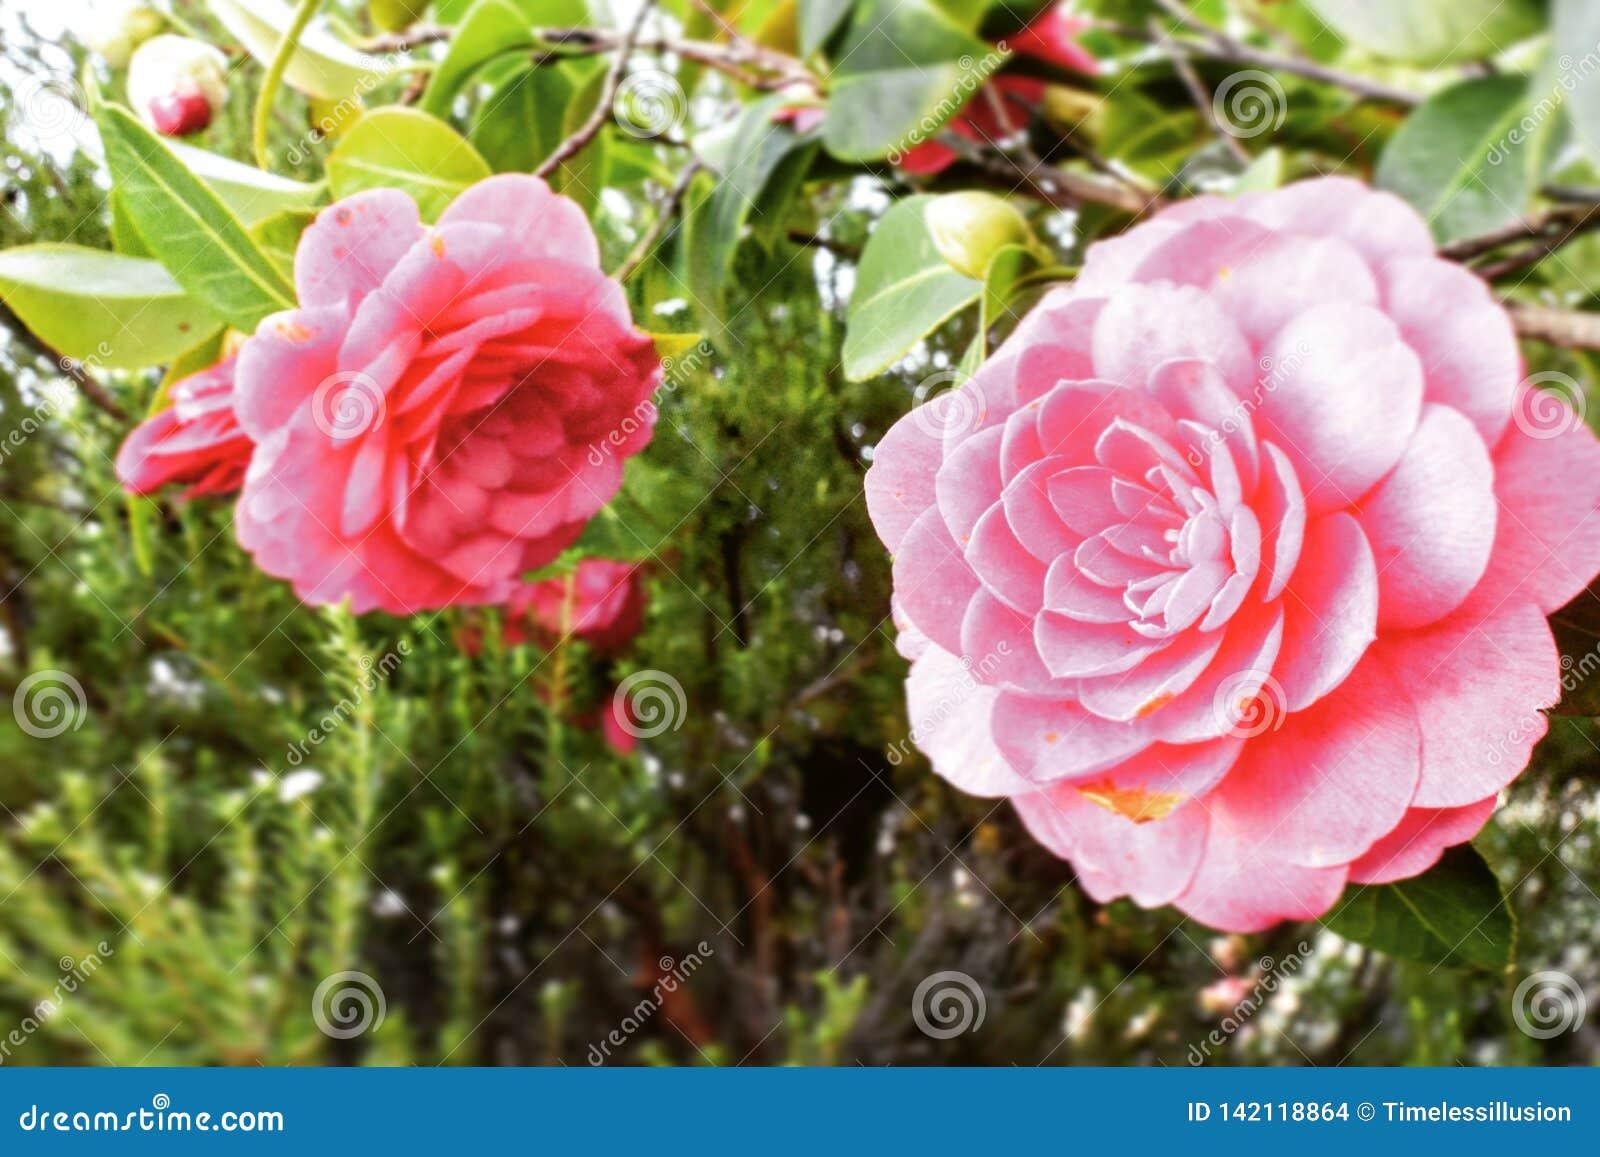 Âme d une fleur rose